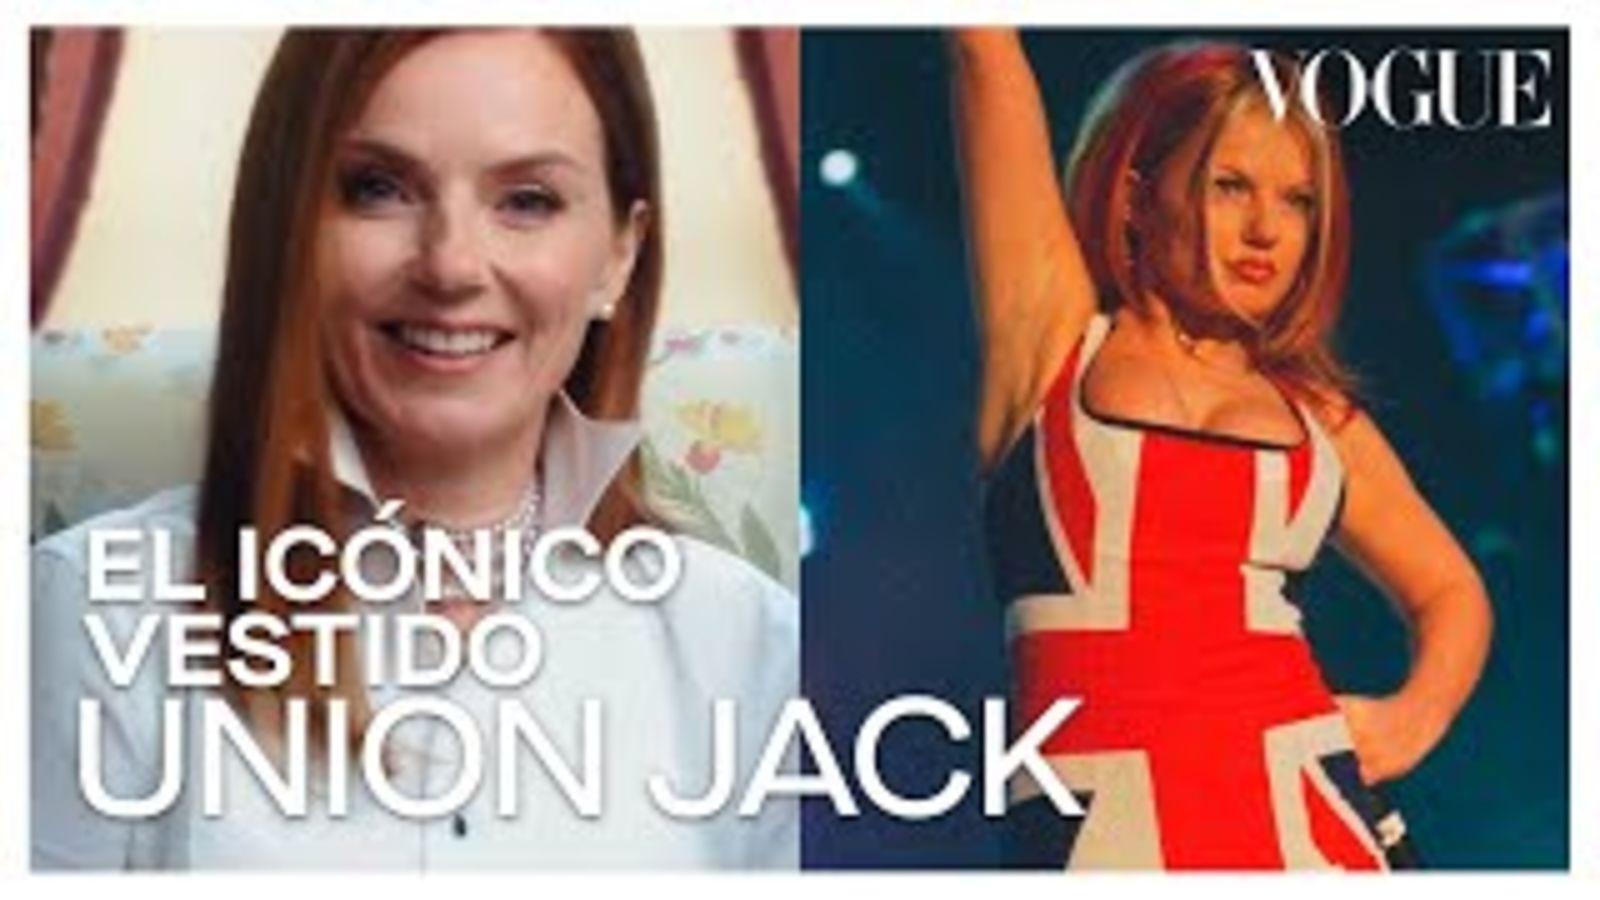 Ginger Spice y la historia de su icónico vestido | Vogue México y Latinoamérica